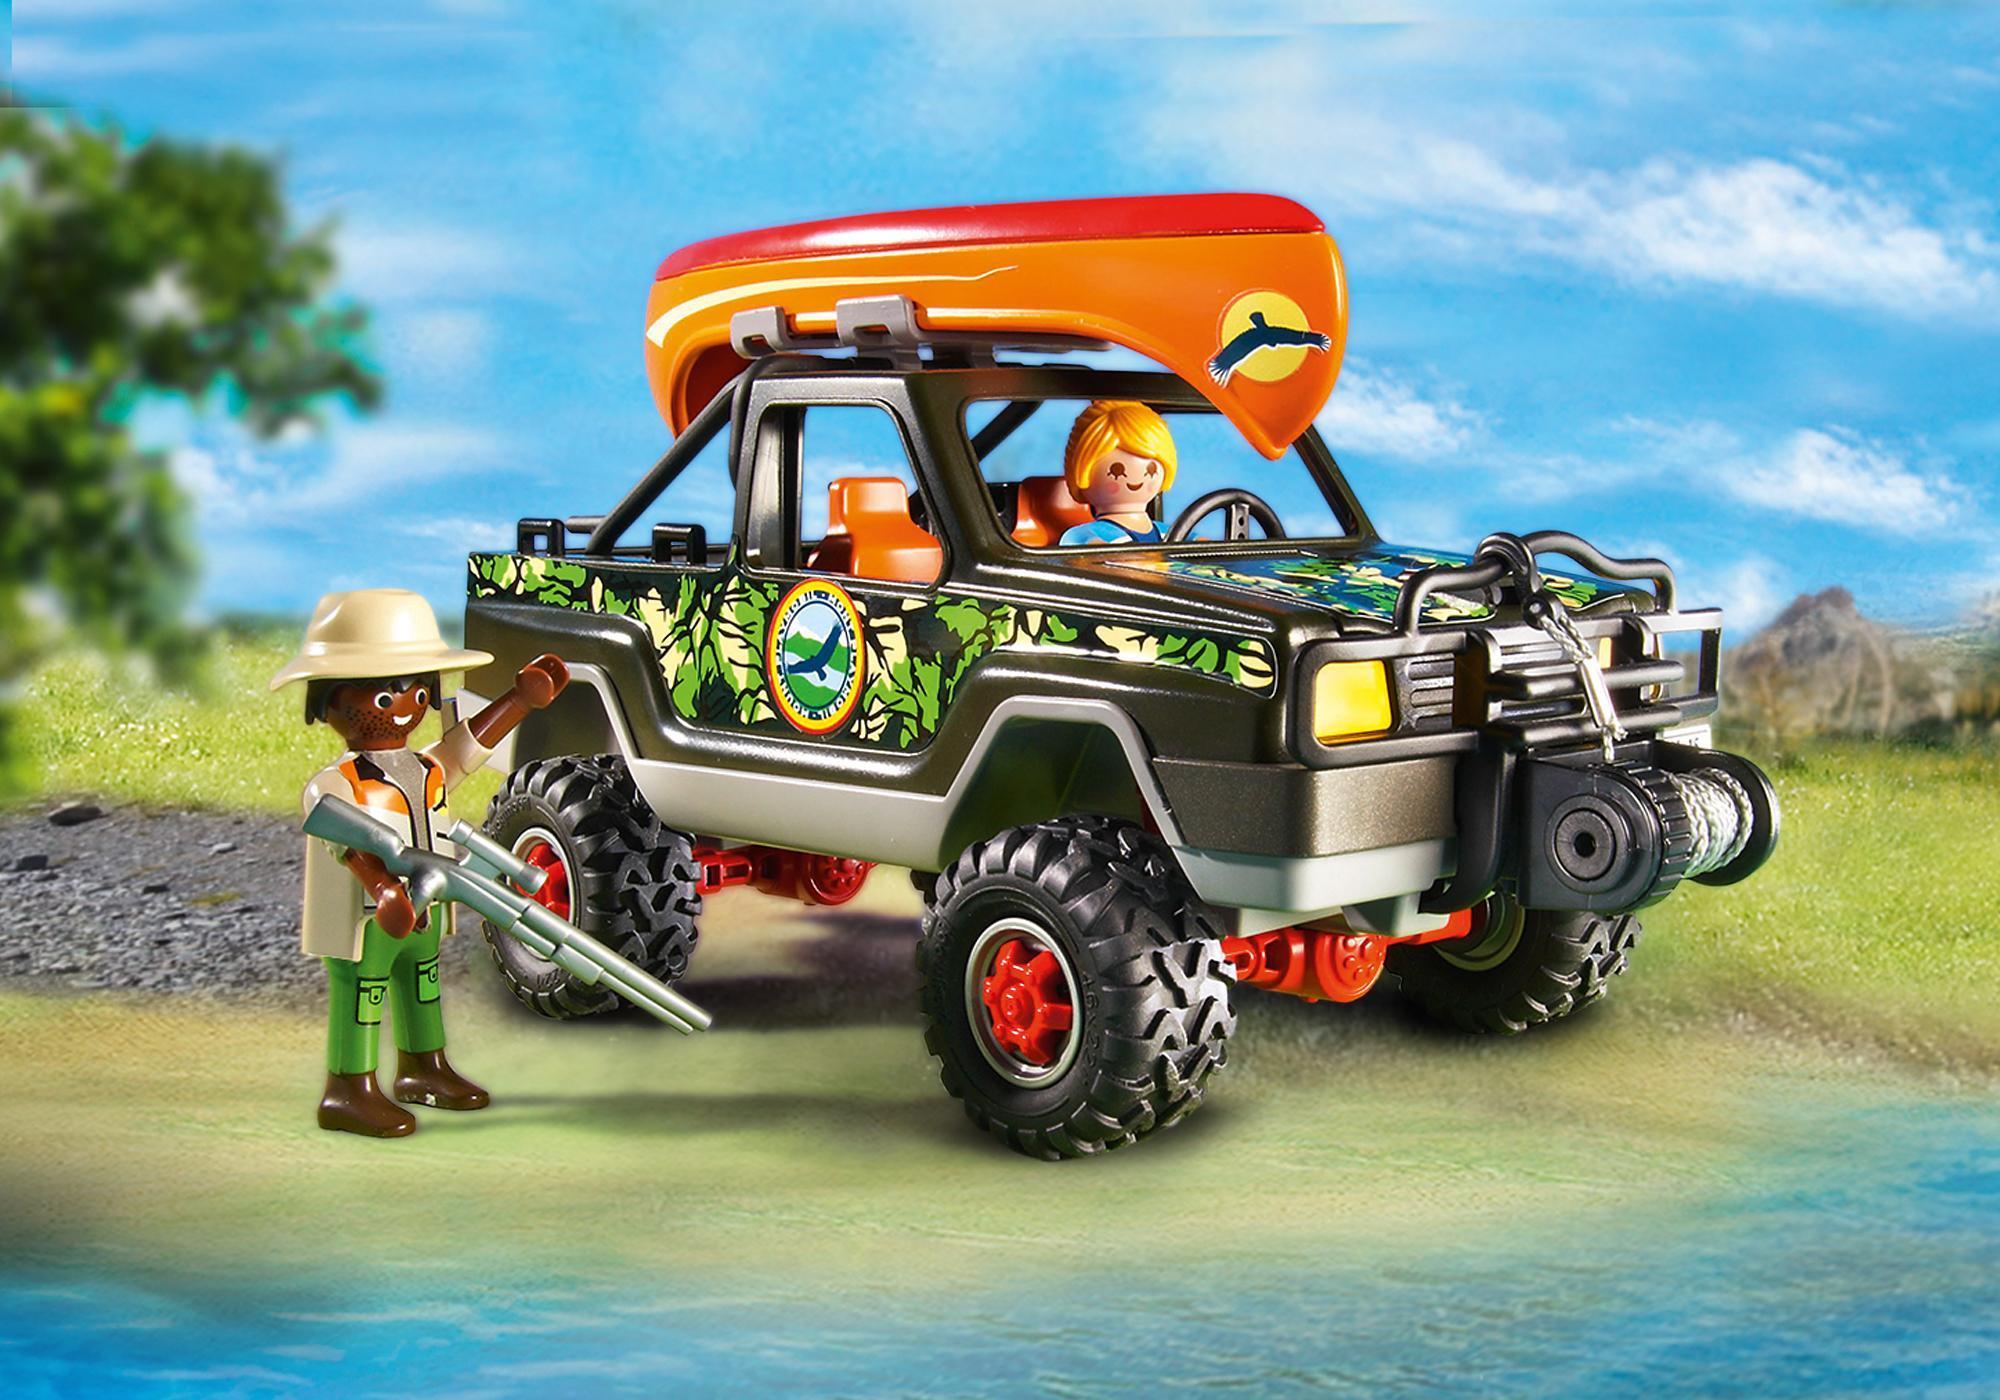 http://media.playmobil.com/i/playmobil/5558_product_extra1/Pick-up de Aventureiros